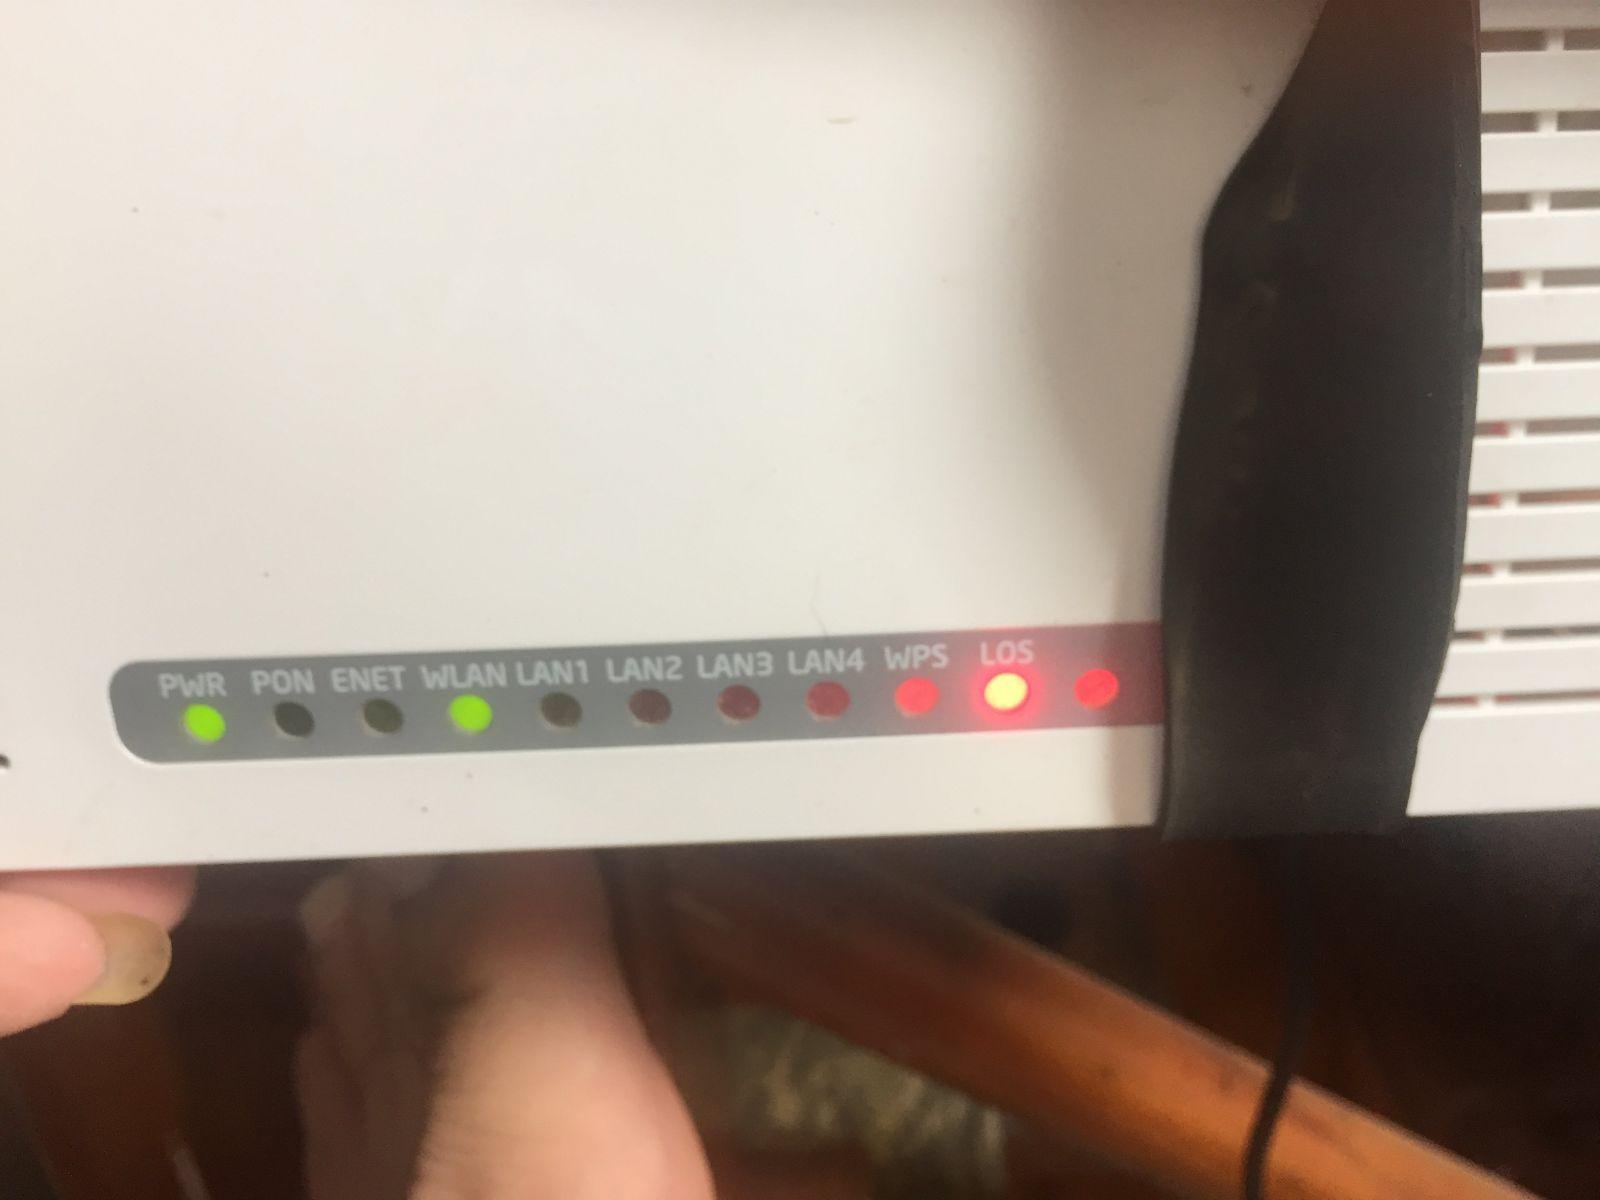 modem đèn LOS màu đỏ